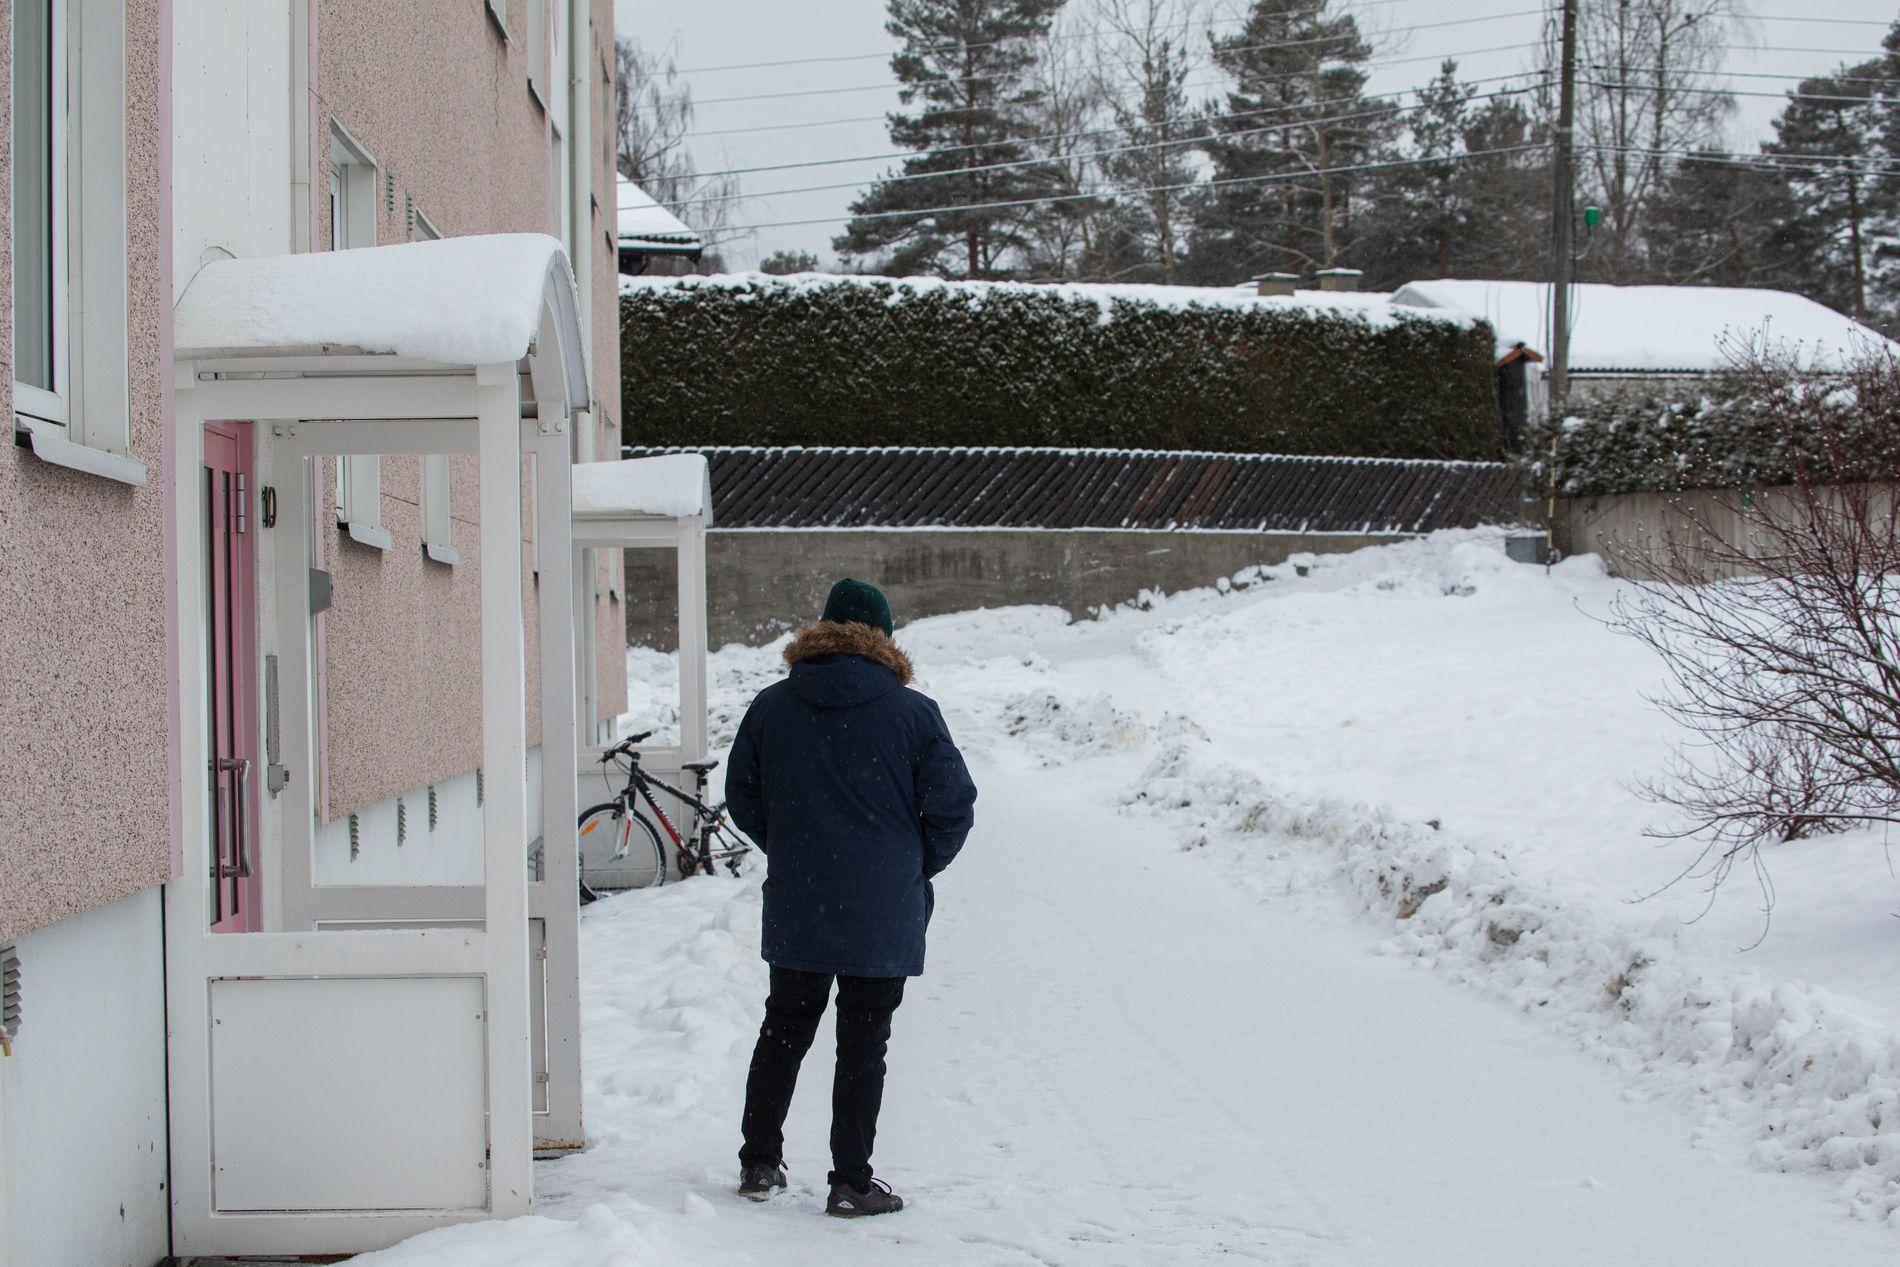 NABOEN: Her står naboen på samme sted som hvor han gjorde observasjonen.